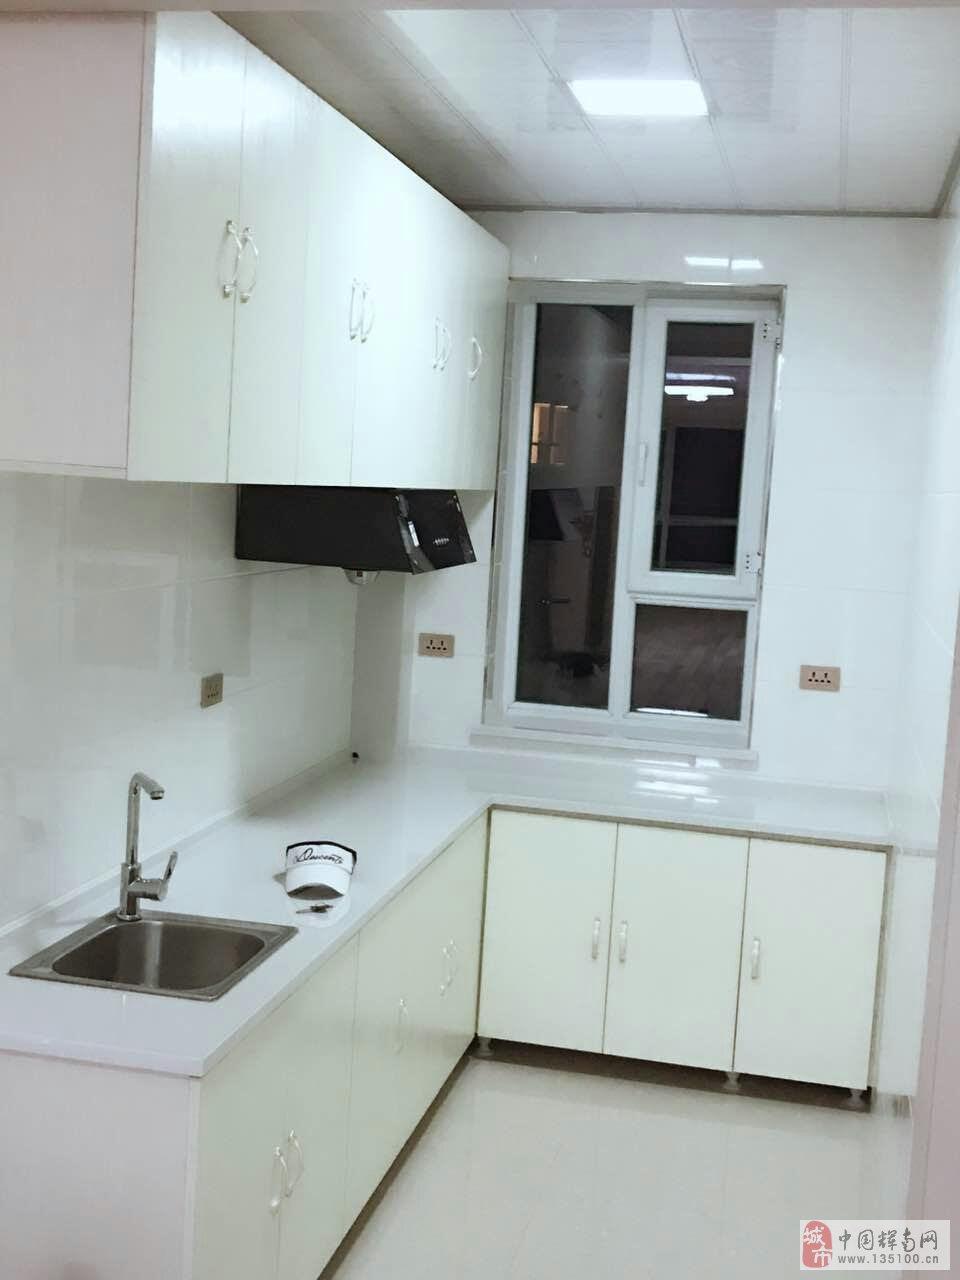 出售卓越家园5全新装修没住人2室1厅1卫28万元